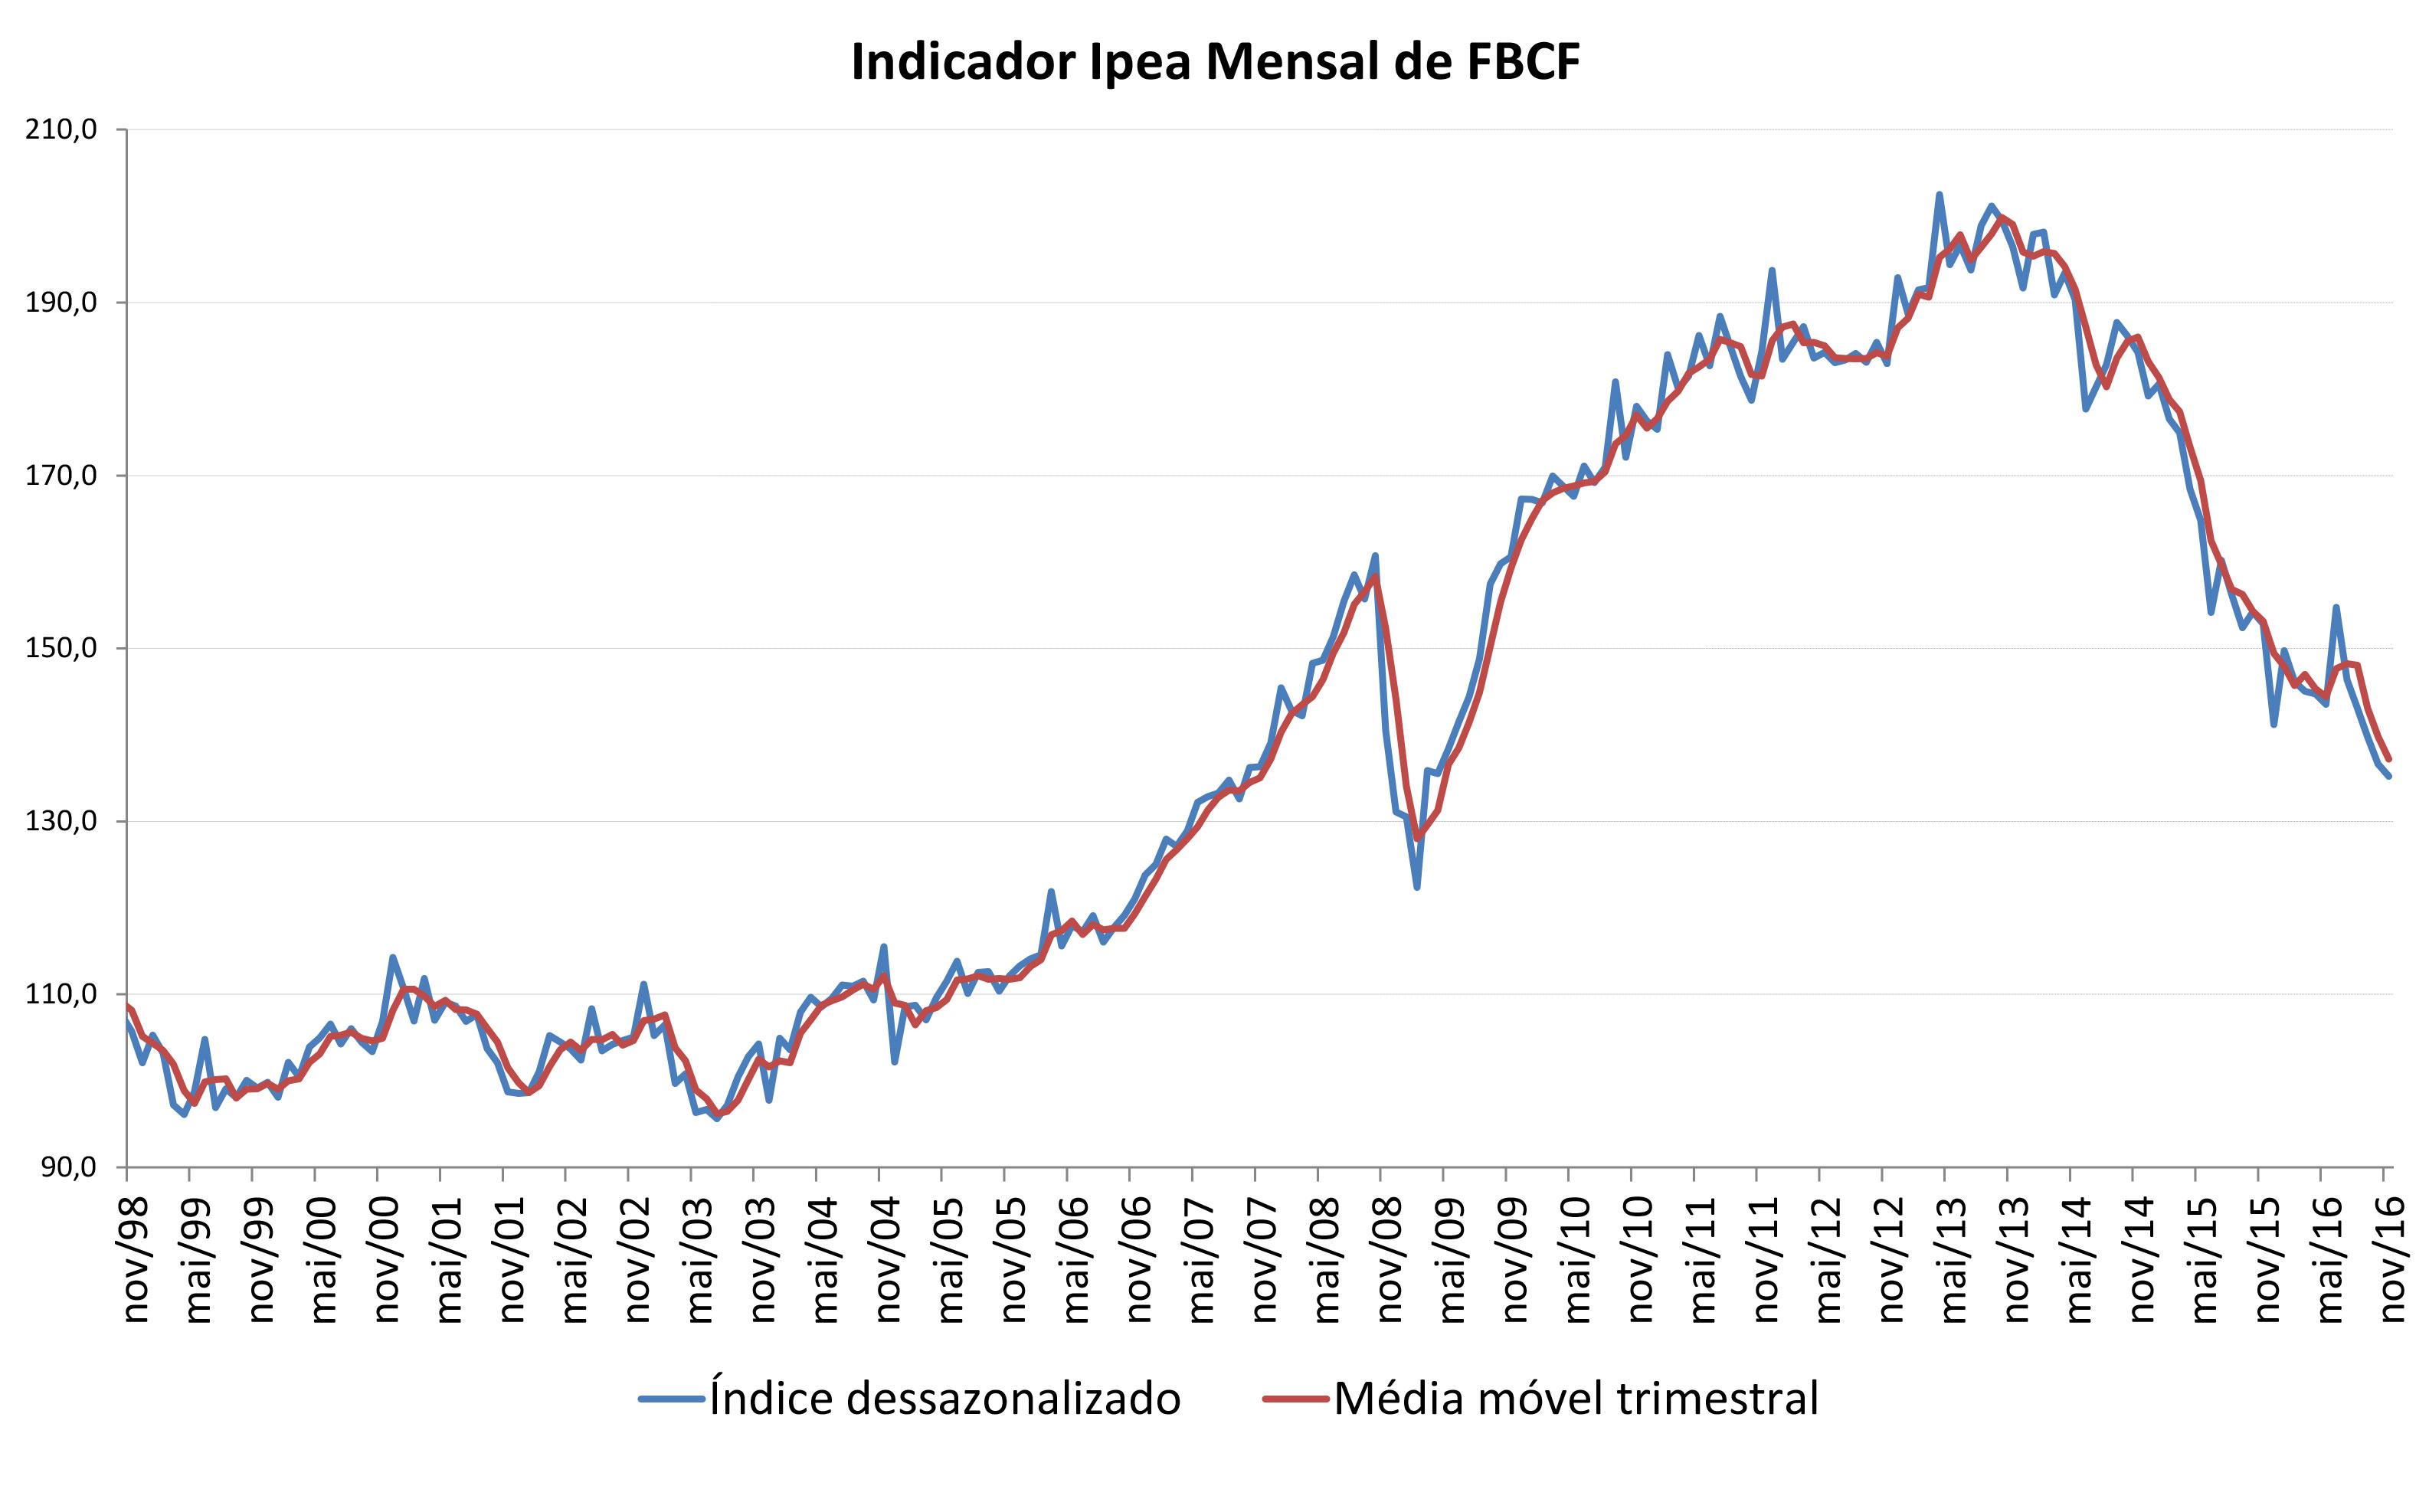 grafico-indicador-ipea-fbcf-nov16